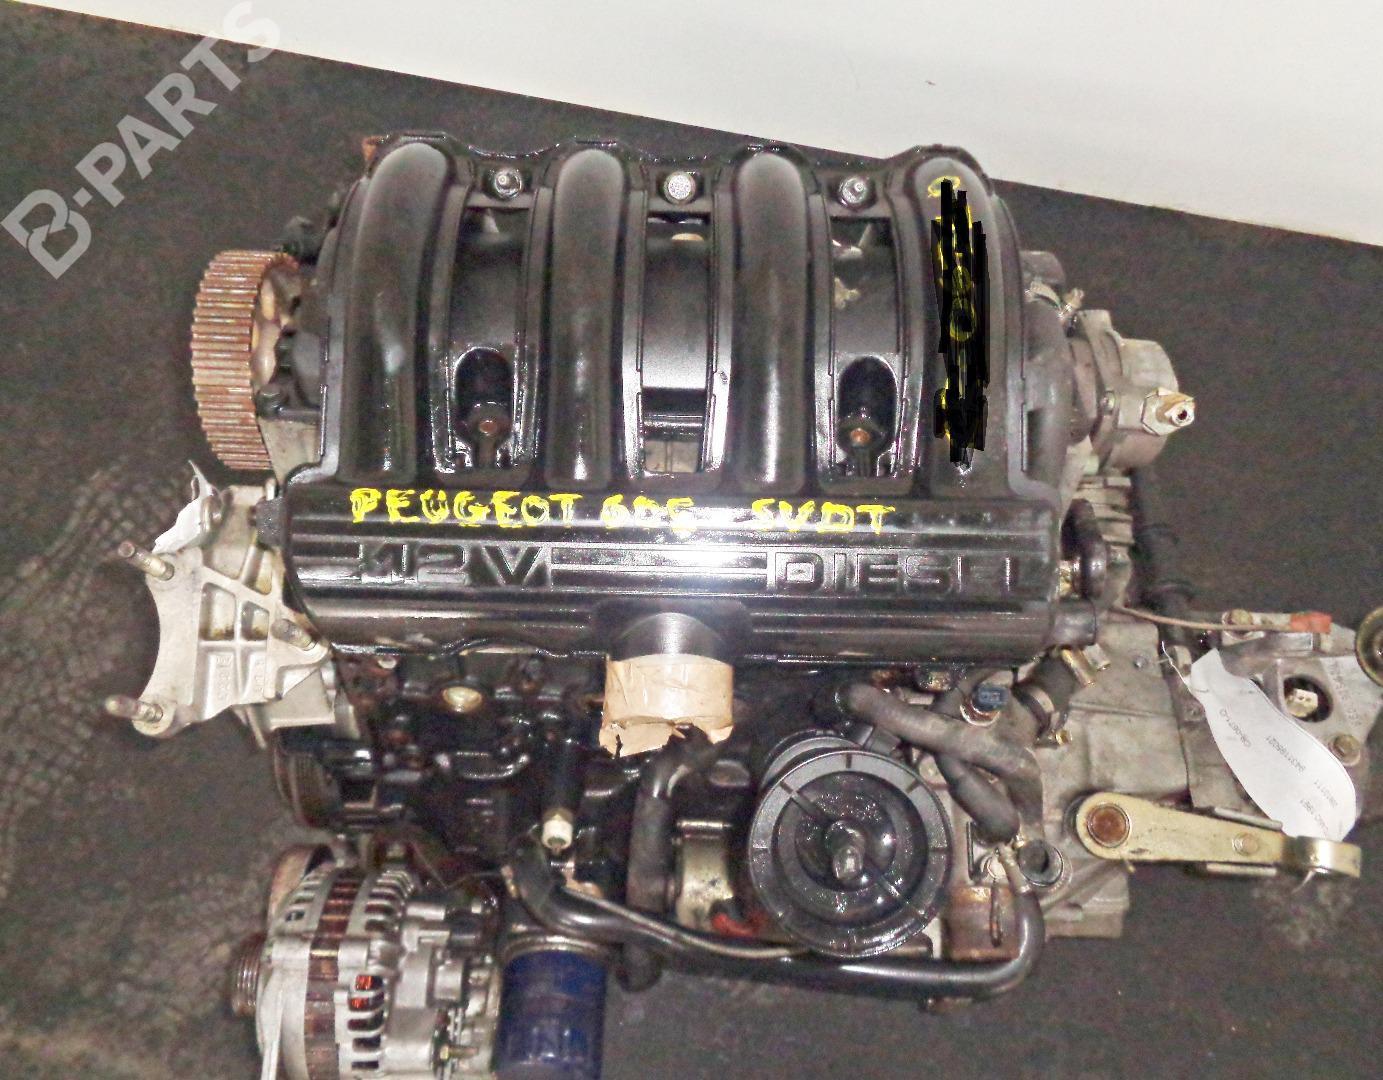 Engine Peugeot 605 6b 21 Turbo Diesel 1172489 Fuse Box Complete P8a Diesel5 Doors